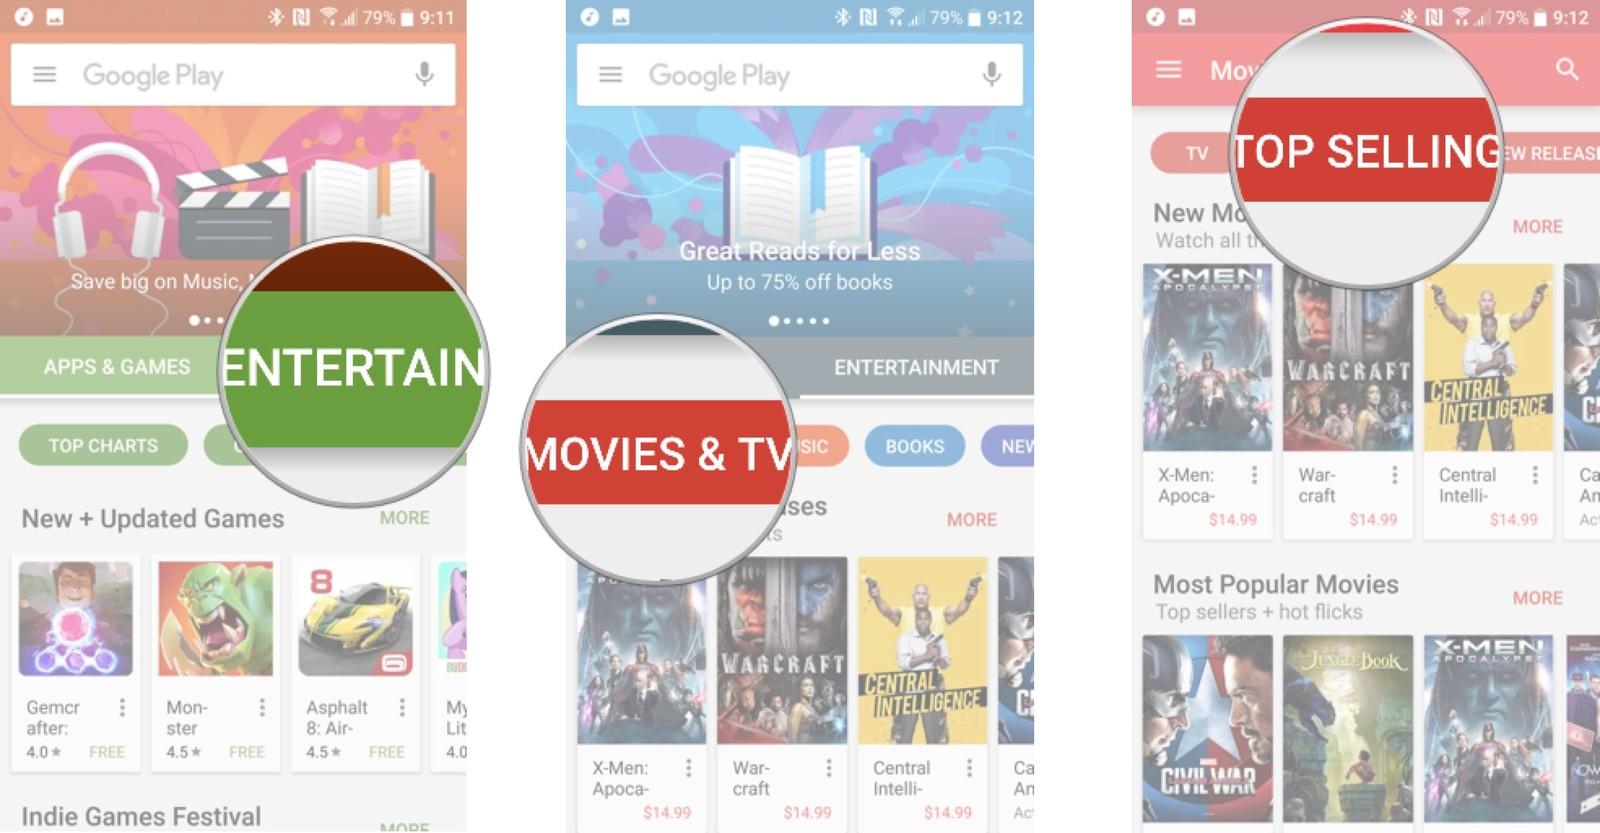 google-play-instrukciya-po-ispolzovaniyu-kak-iskat-top-filmy